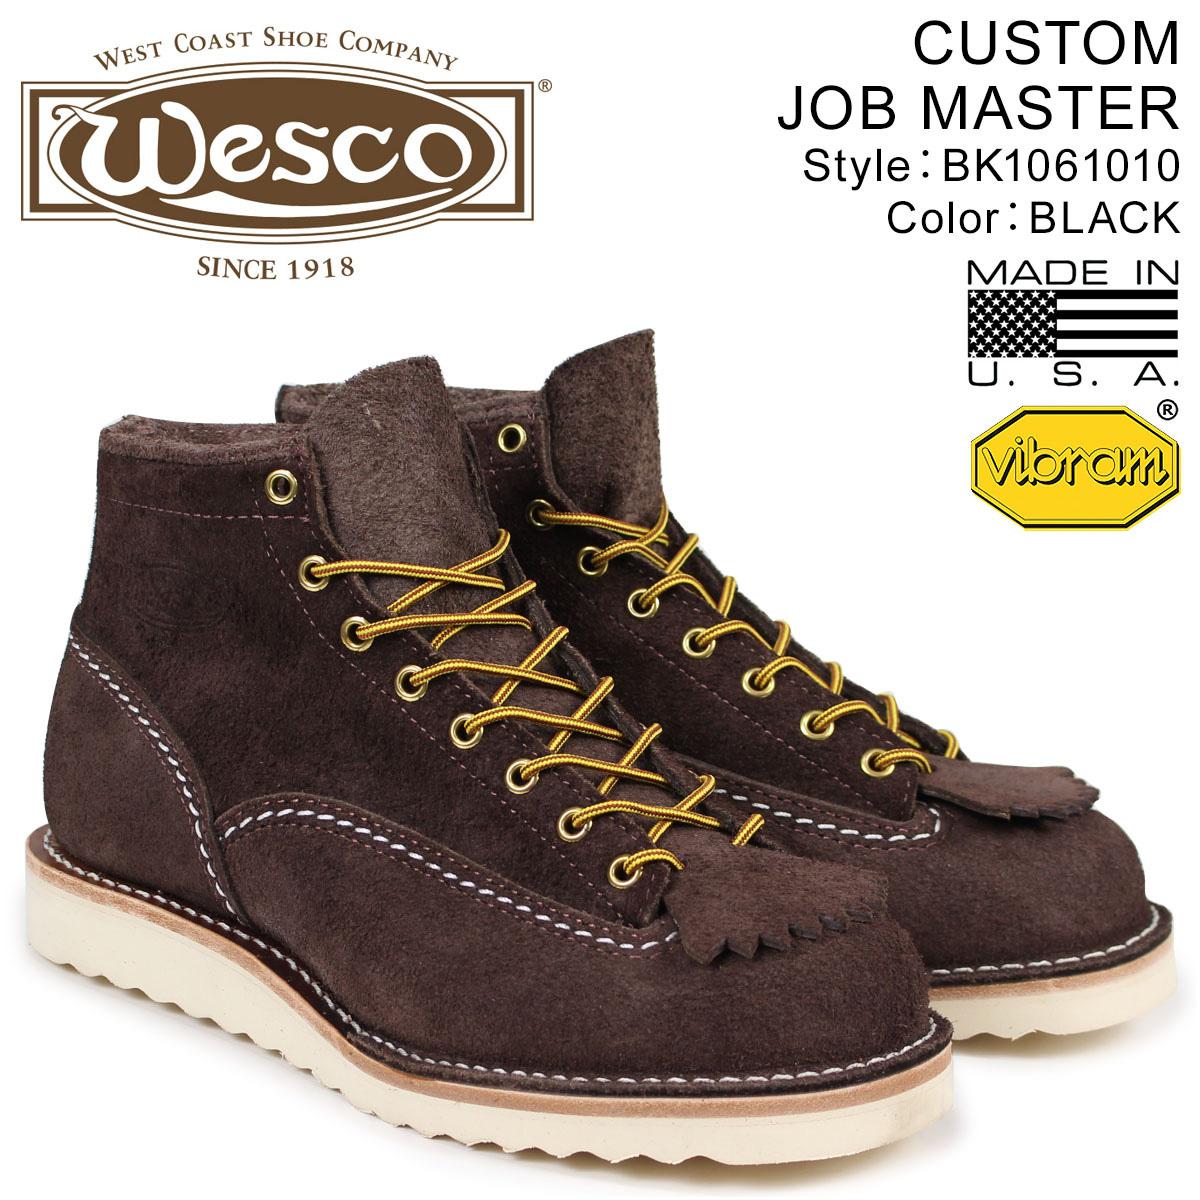 【最大2000円OFFクーポン】 ウエスコ ジョブマスター WESCO ブーツ 6インチ カスタム 6INCH CUSTOM JOB MASTER 2Eワイズ スエード メンズ ブラウン BR1061010 ウェスコ